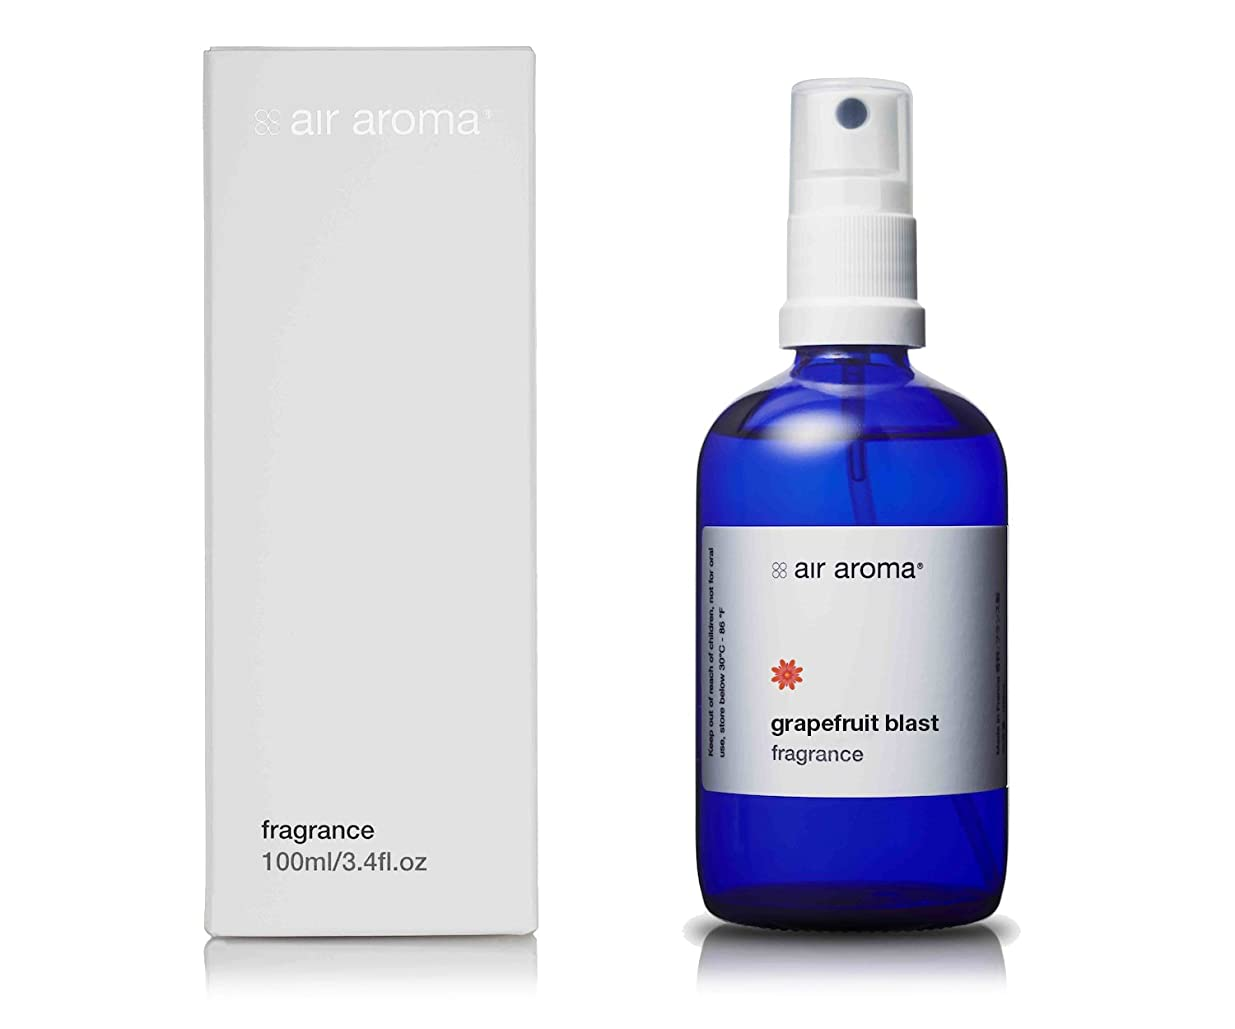 いわゆる瞑想する認めるエアアロマ grapefruit blast room fragrance(グレープフルーツブラストルームフレグランス)100ml